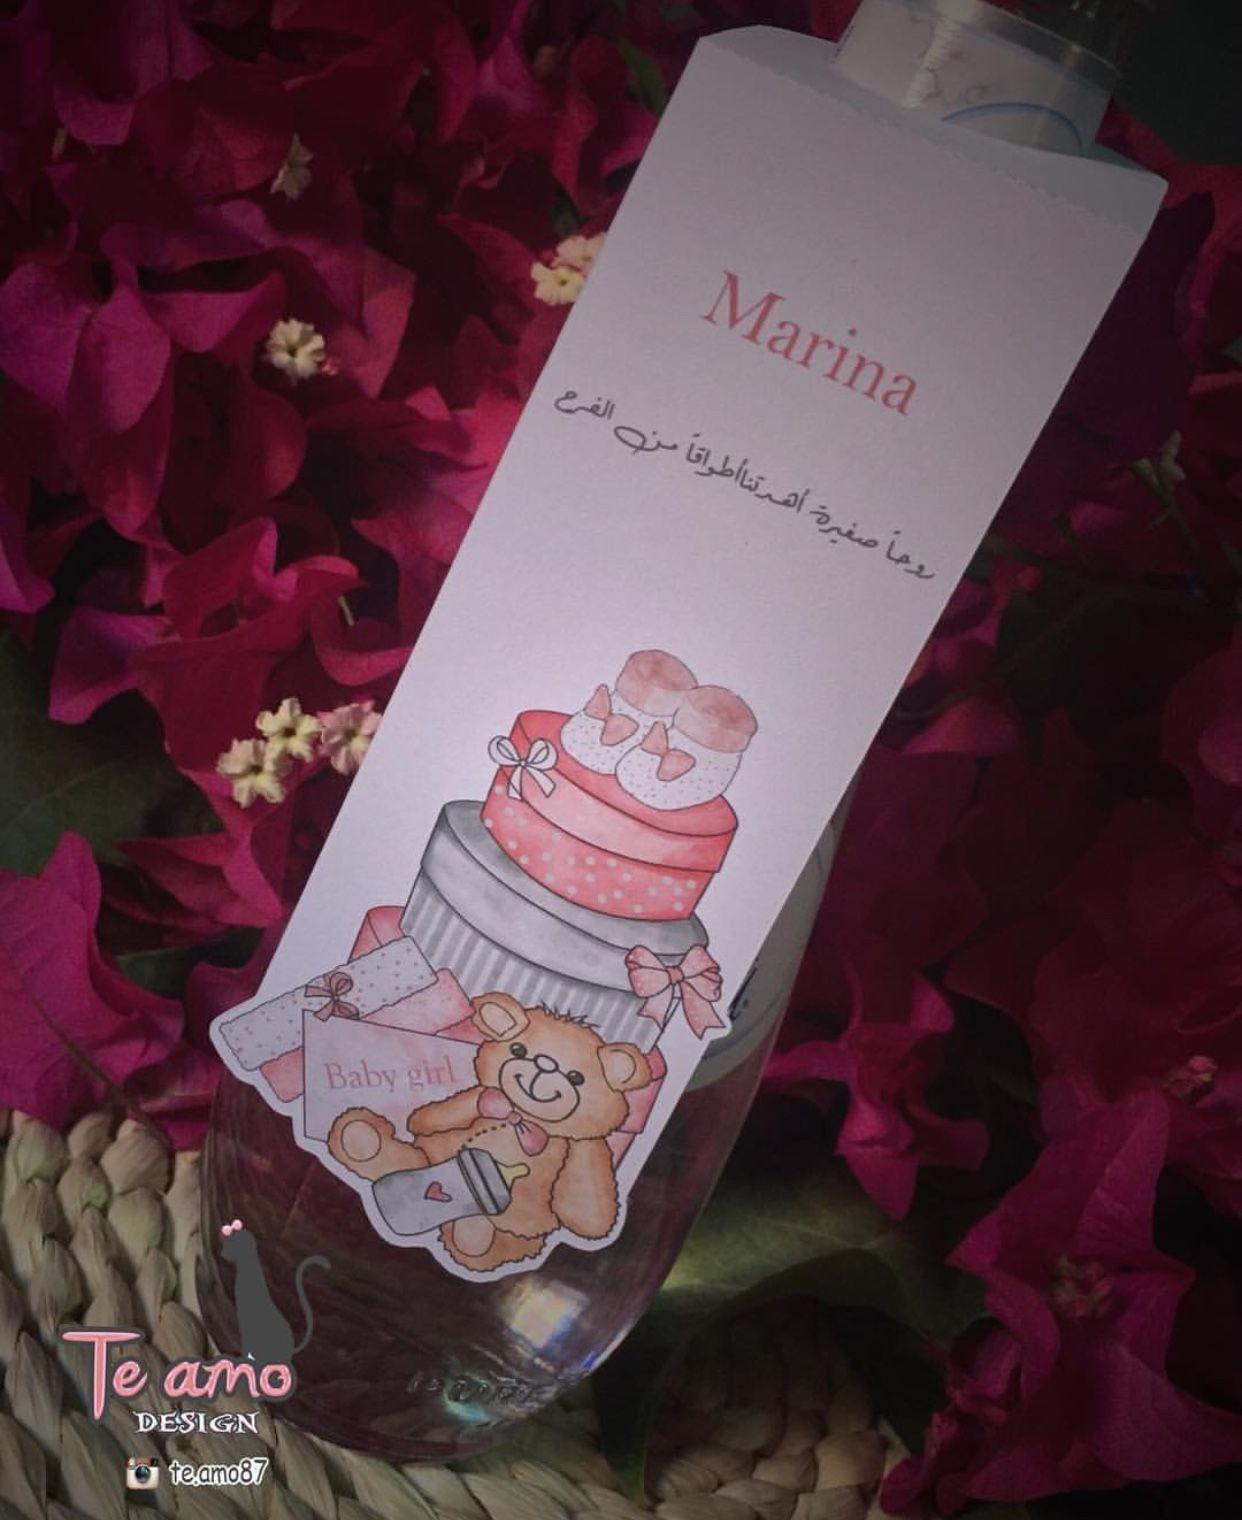 ثيم مولوده تعليقه للمويه امكانيه اضافه عبارات والوان حسب الطلب وتنفيذه ع علب منديل شوكولاته ت Gifts For Wedding Party New Baby Products Panda Birthday